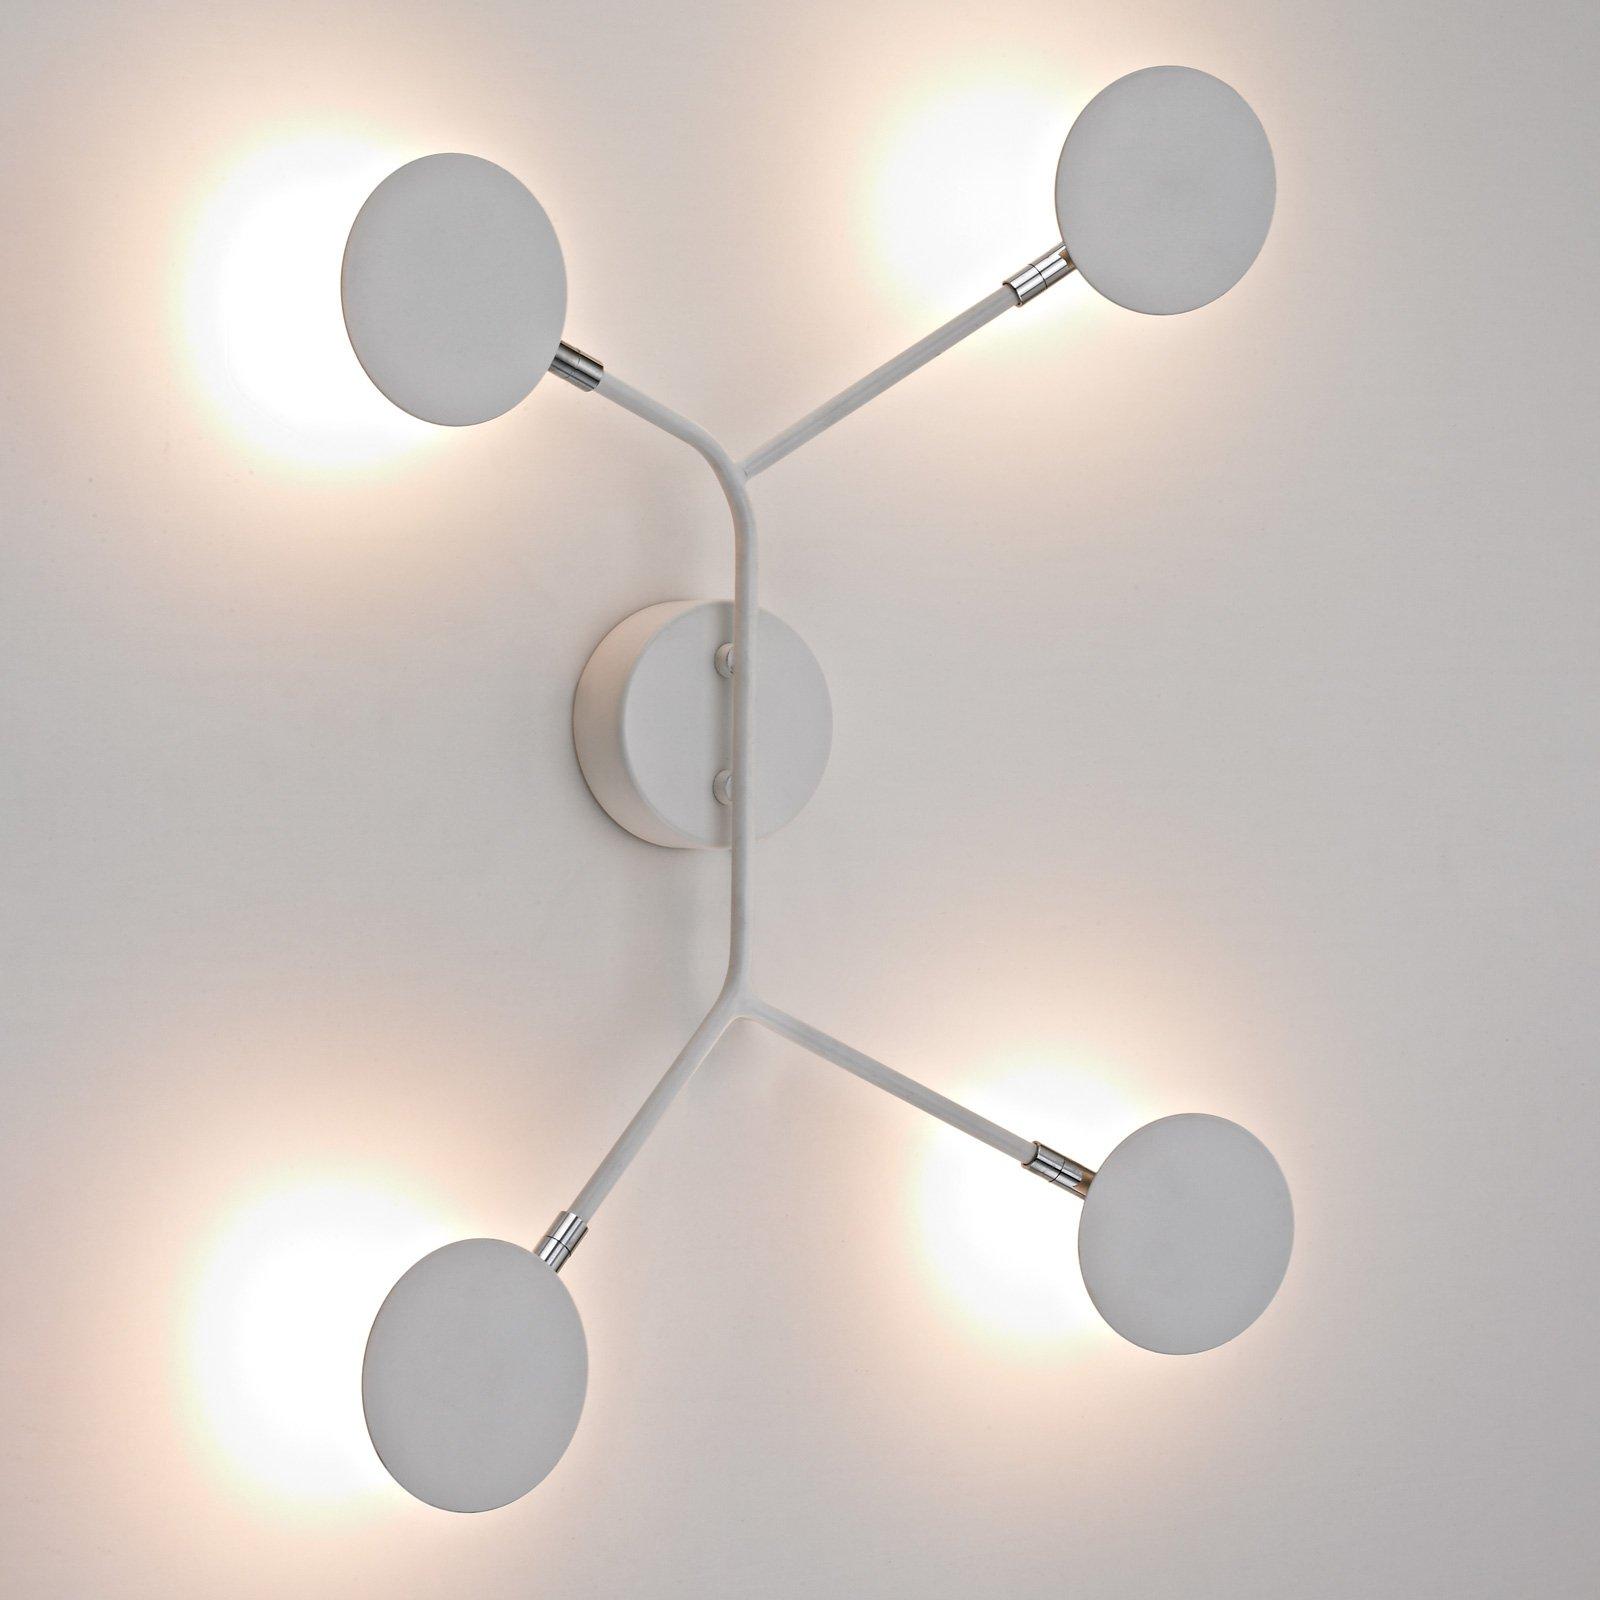 LED-vegglampe Belize, 4 lyskilder, hvit